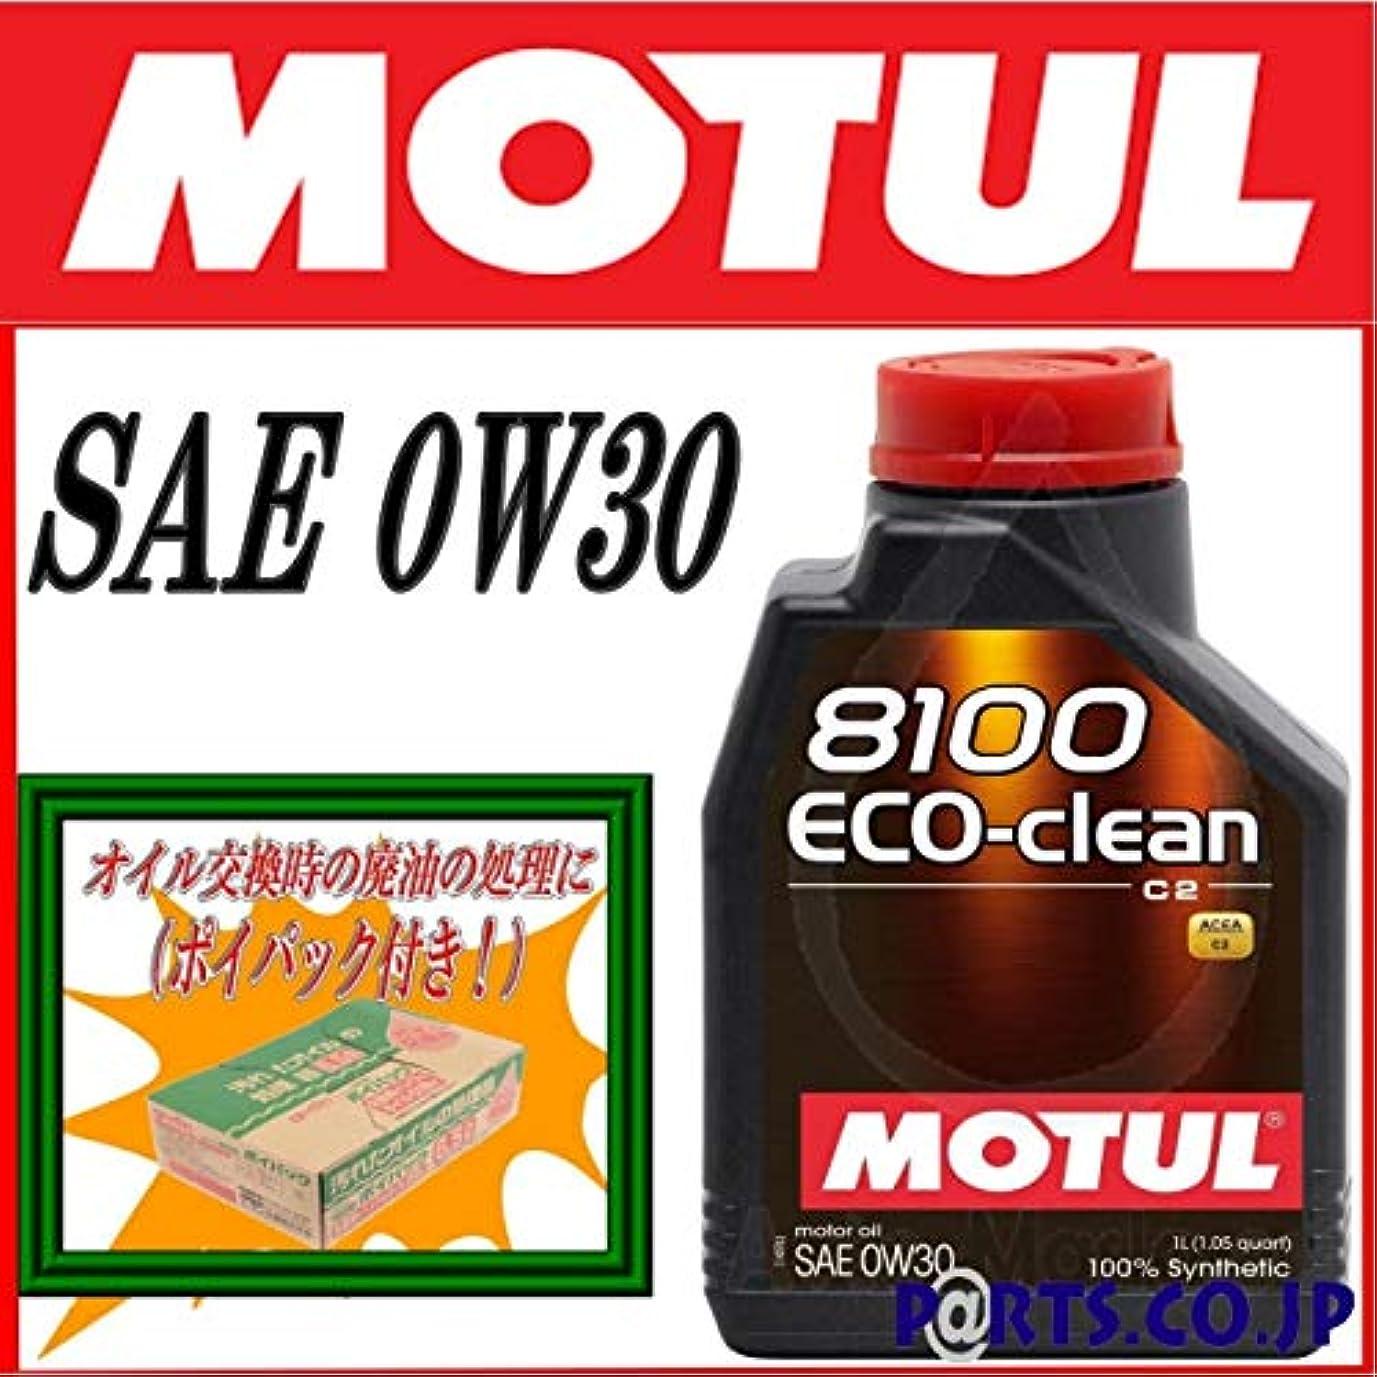 くしゃくしゃかみそりグラフMOTUL 8100ECO-clean 0W30 1Lx3 ポイパック4.5Lx1 ホンダ バモス HM1 E07Z